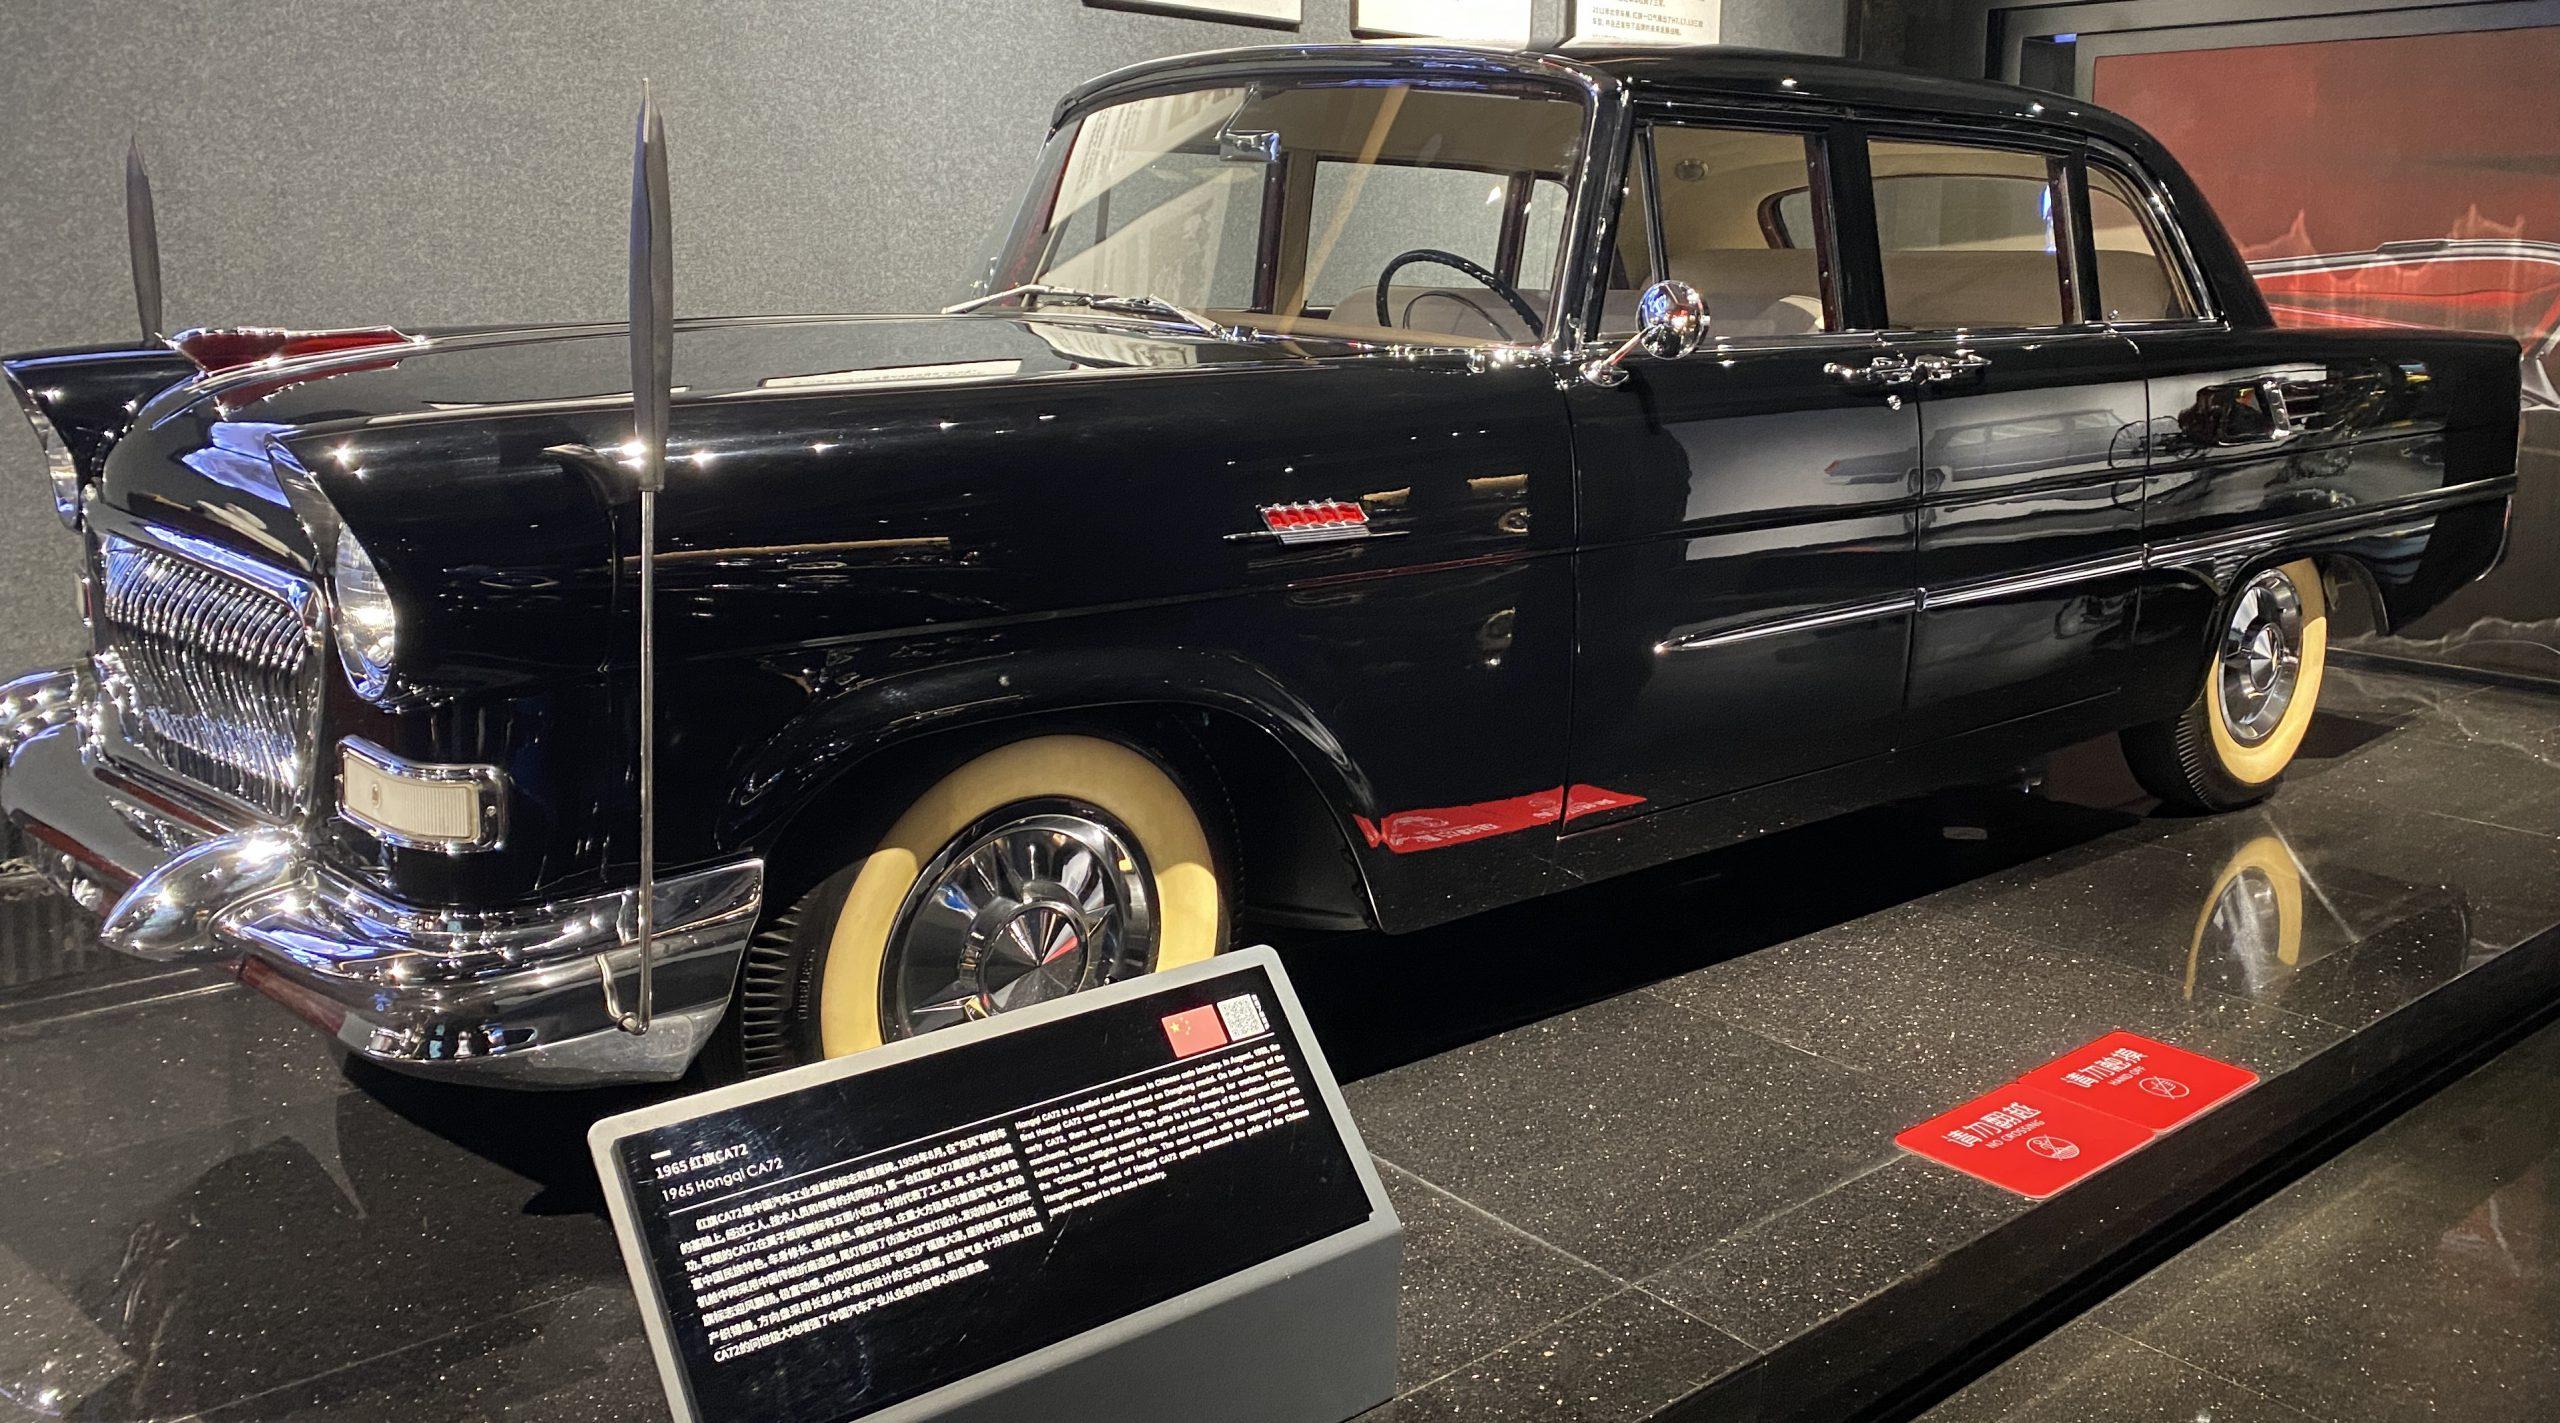 1965紅旗CA72-1965 Hongqi CA72-常設展-三和お爺さん車博物館-四川成都